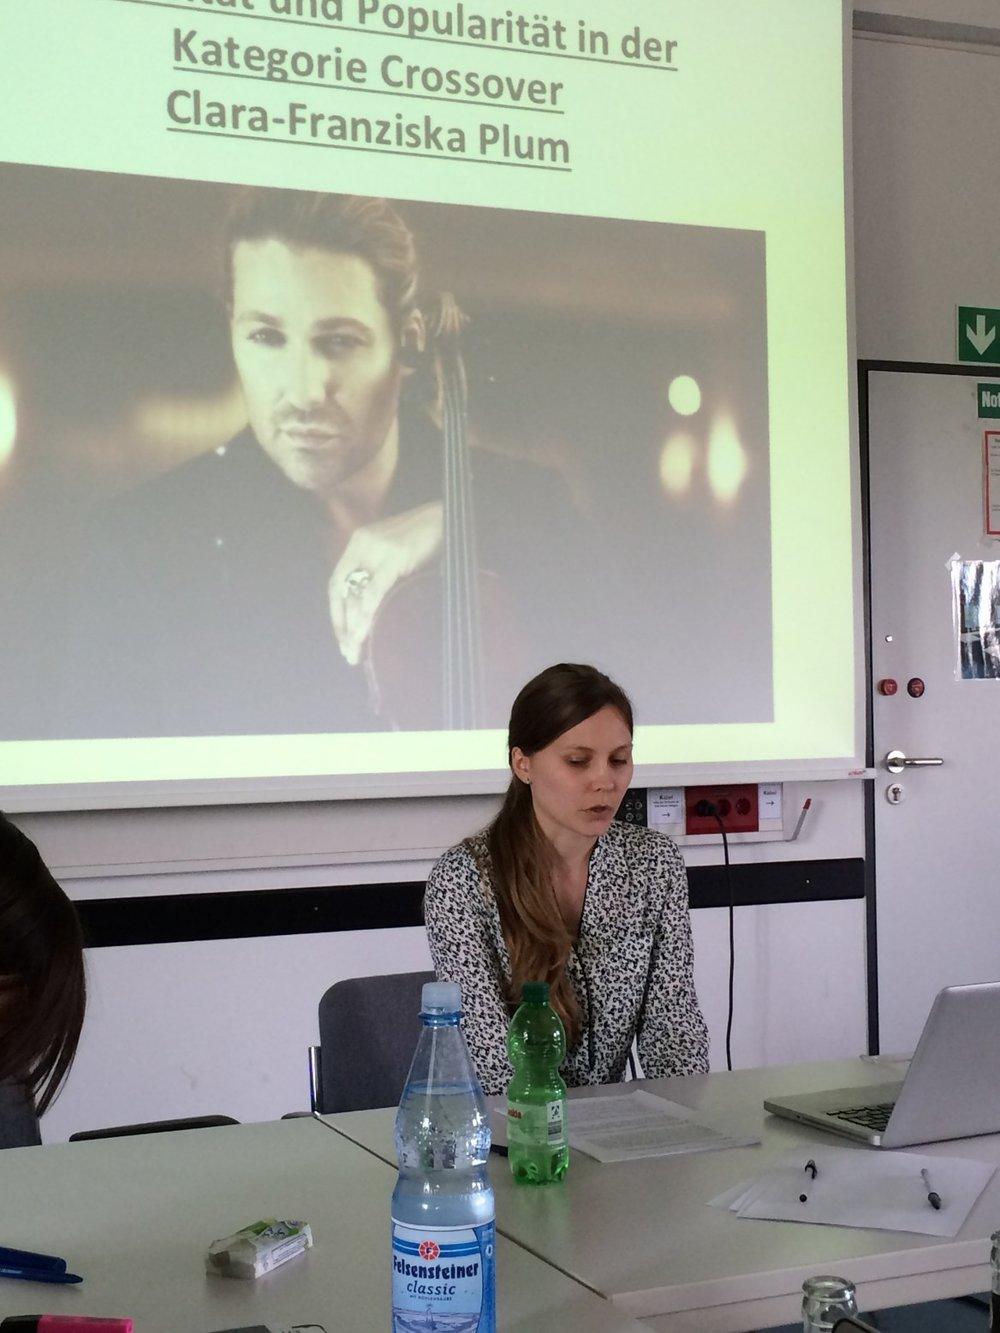 Cara-Franziska Plum spricht über Konzepte von Virtuosität und Popularität im Crossoverbereich